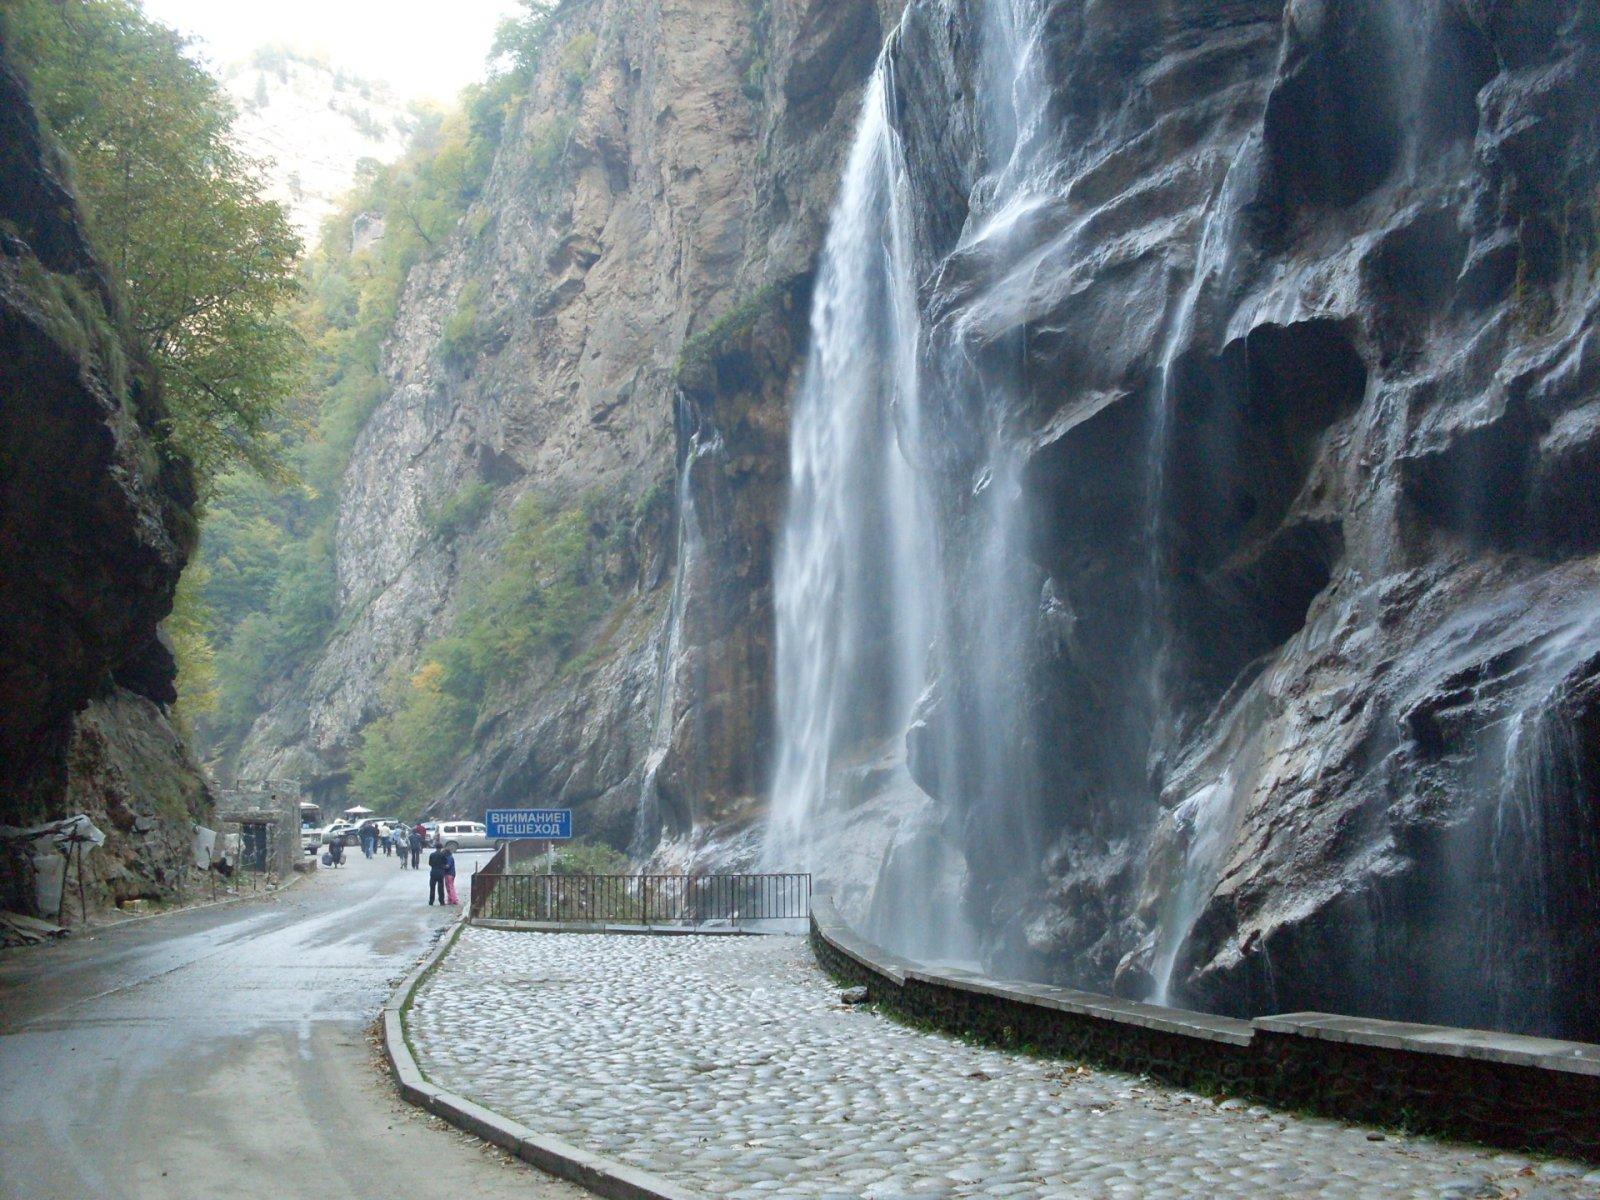 гордостью чегемские водопады кабардино балкария фото летом этих